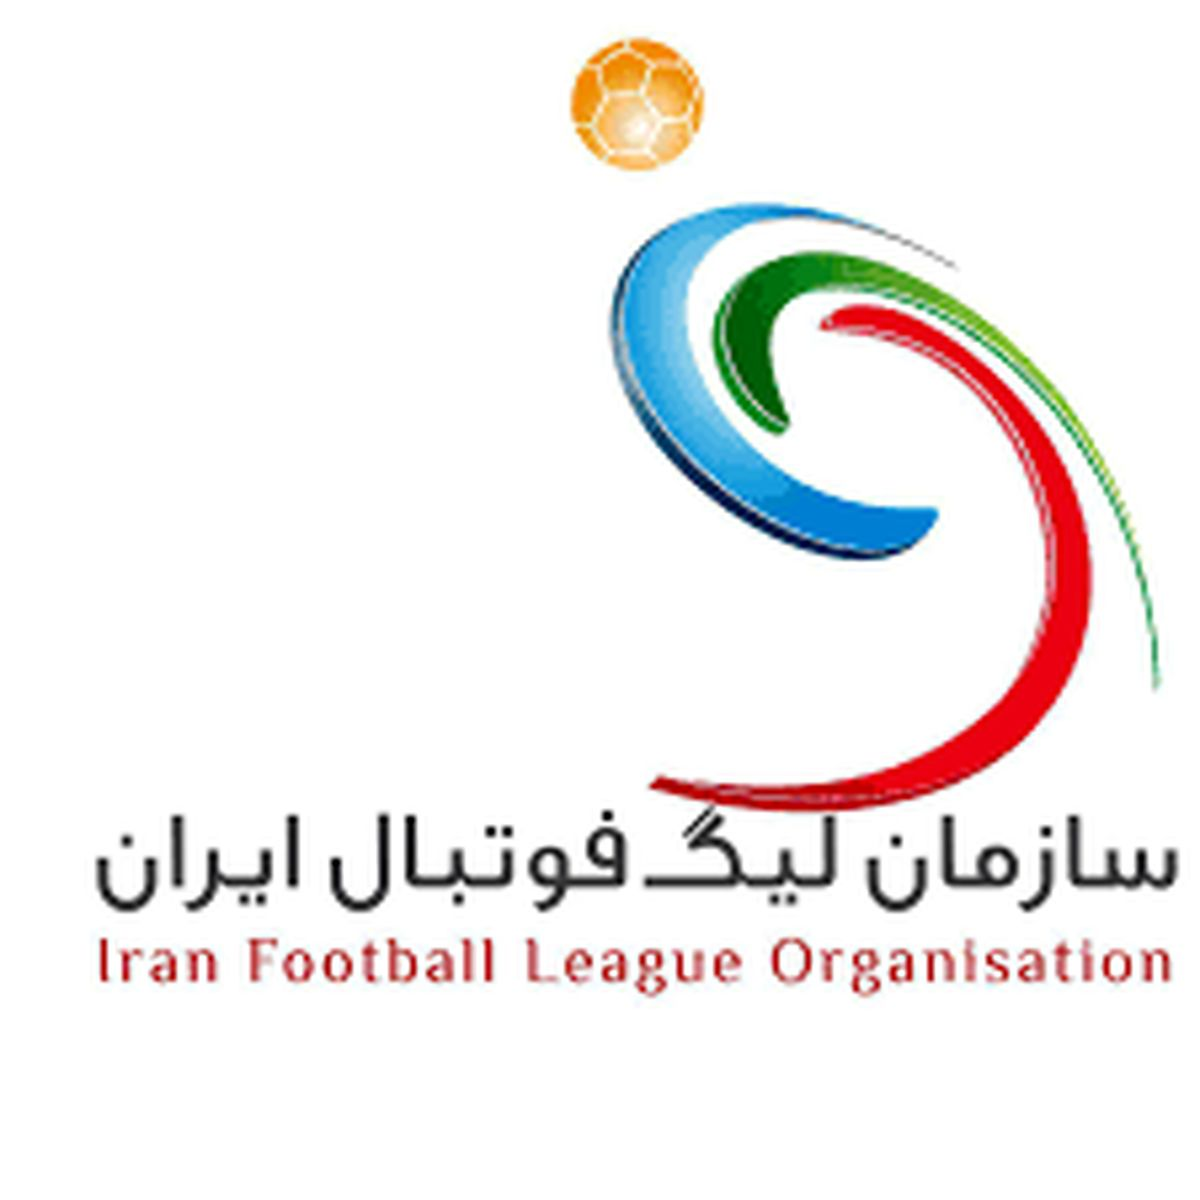 قدردانی ستاد مبارزه با مواد مخدر از فدراسیون و سازمان لیگ فوتبال ایران